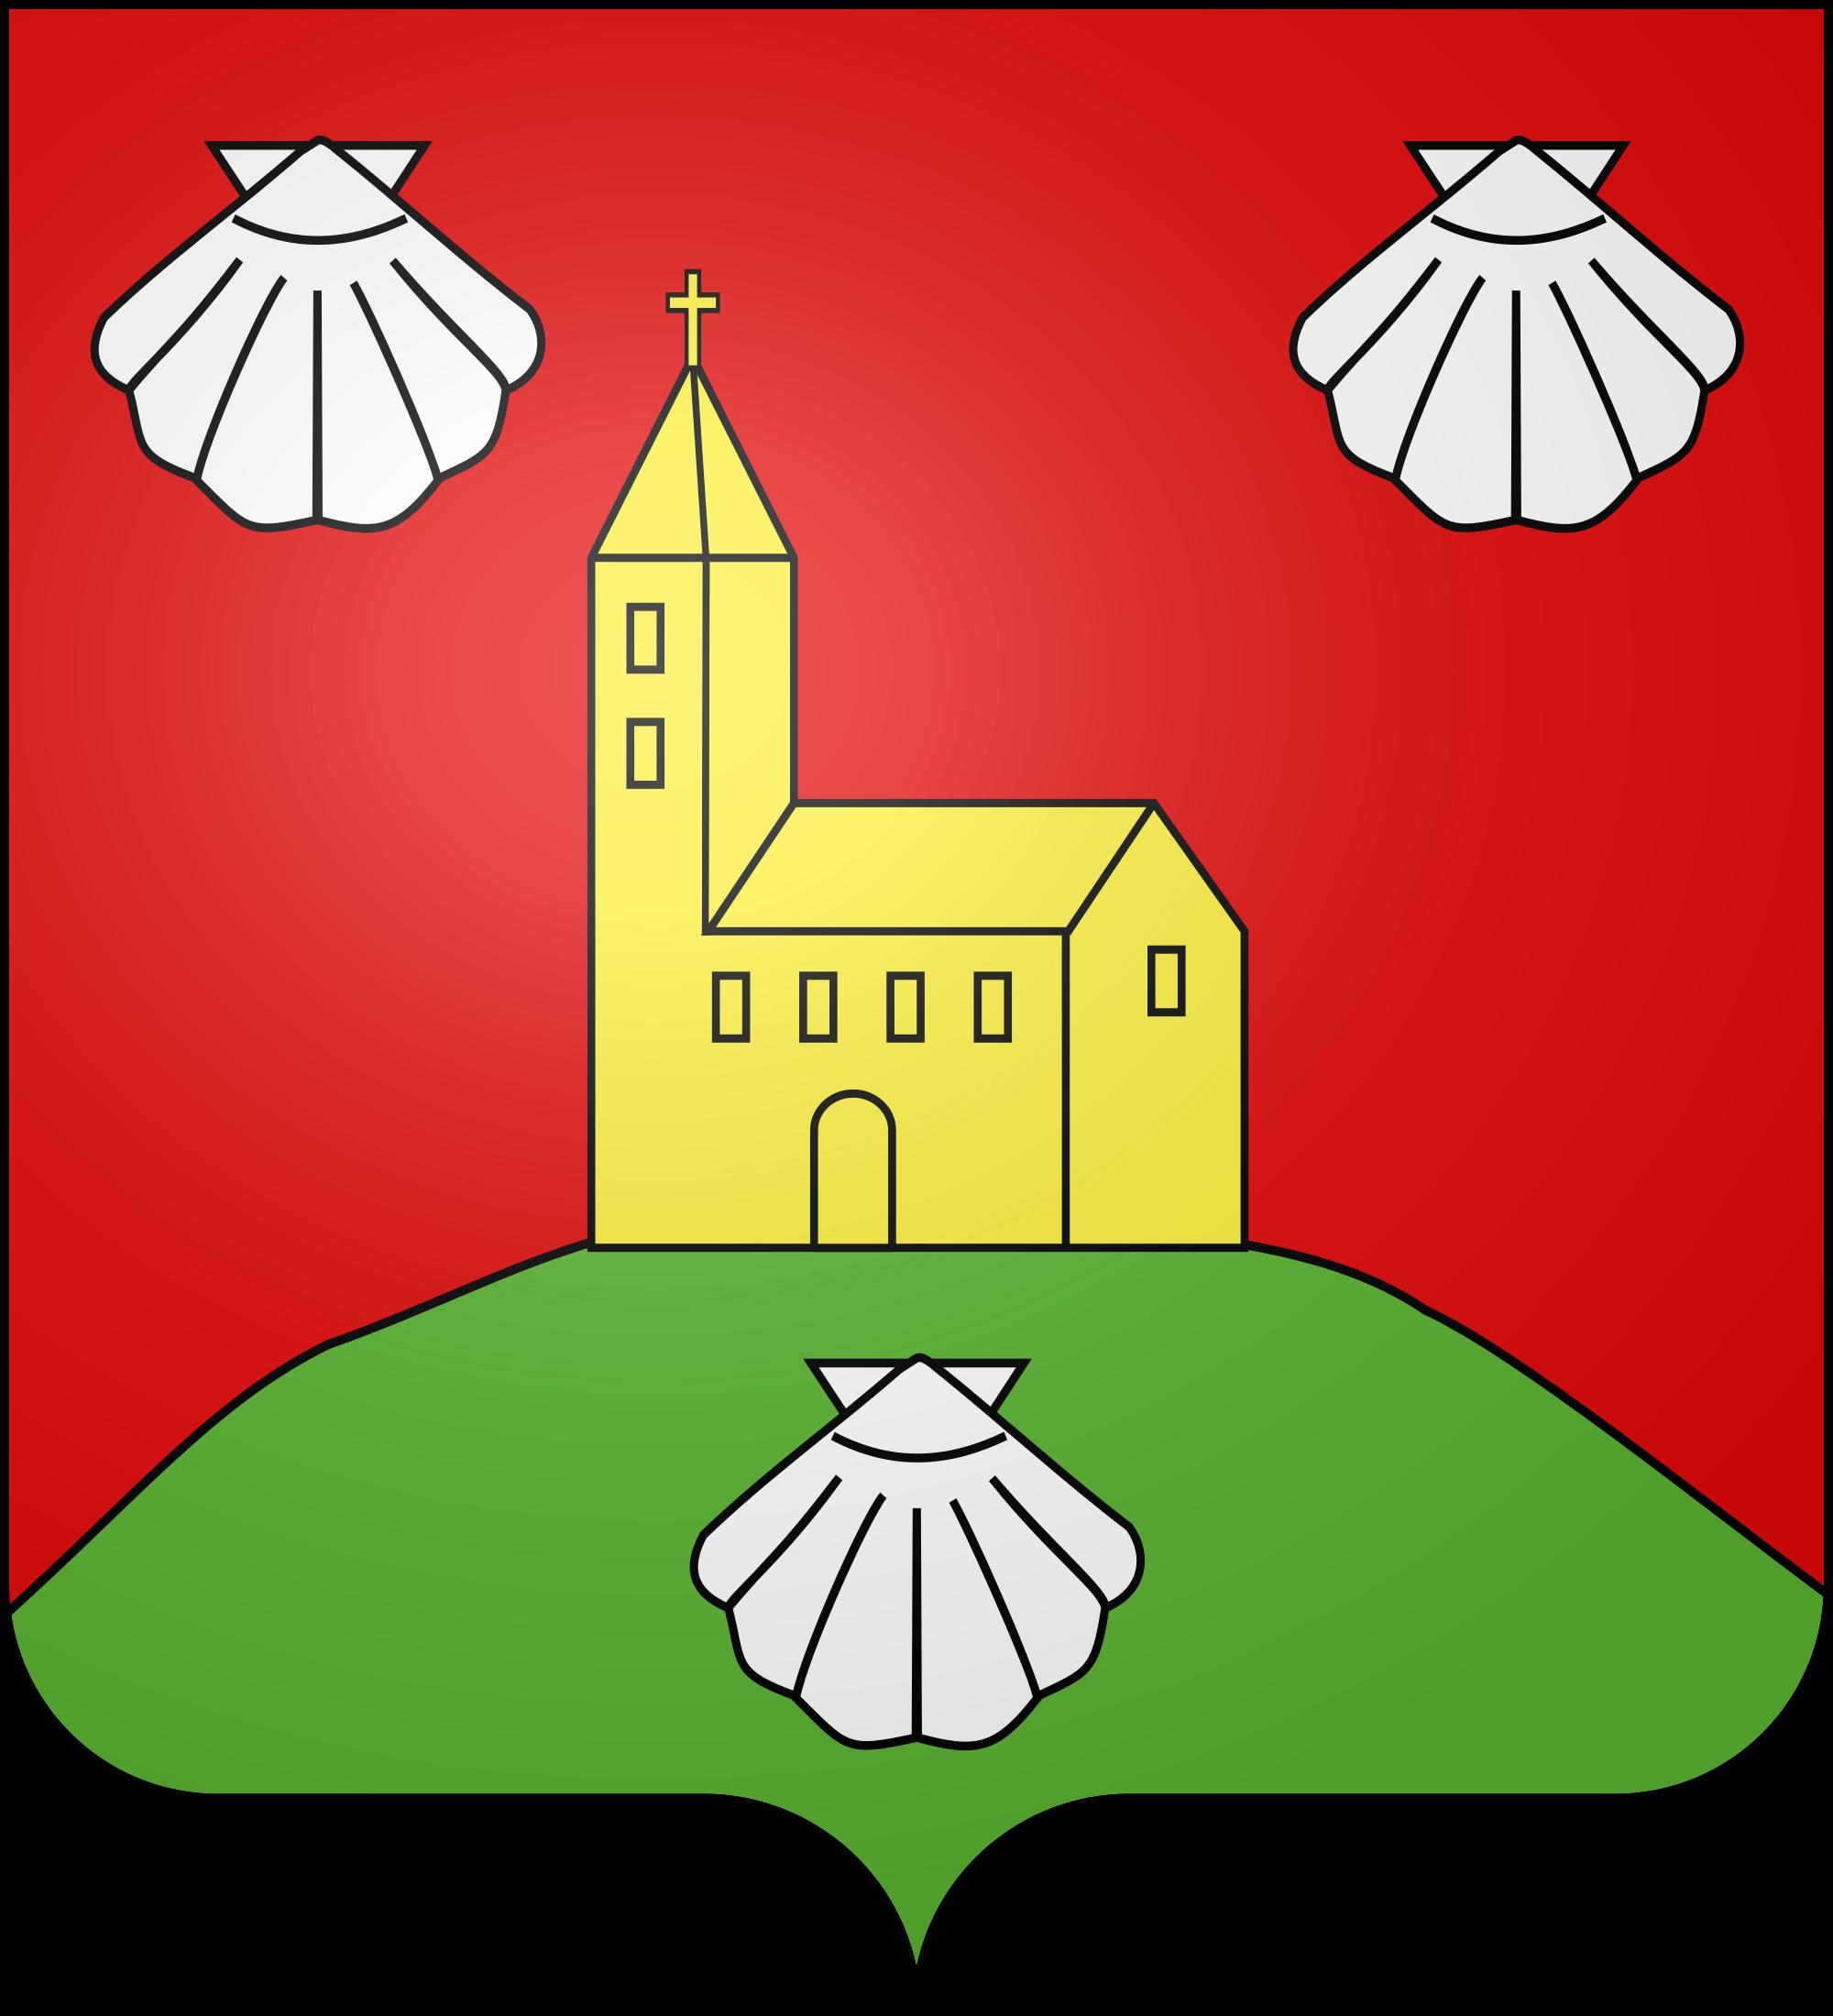 File:Blason de la ville de Kirsch.